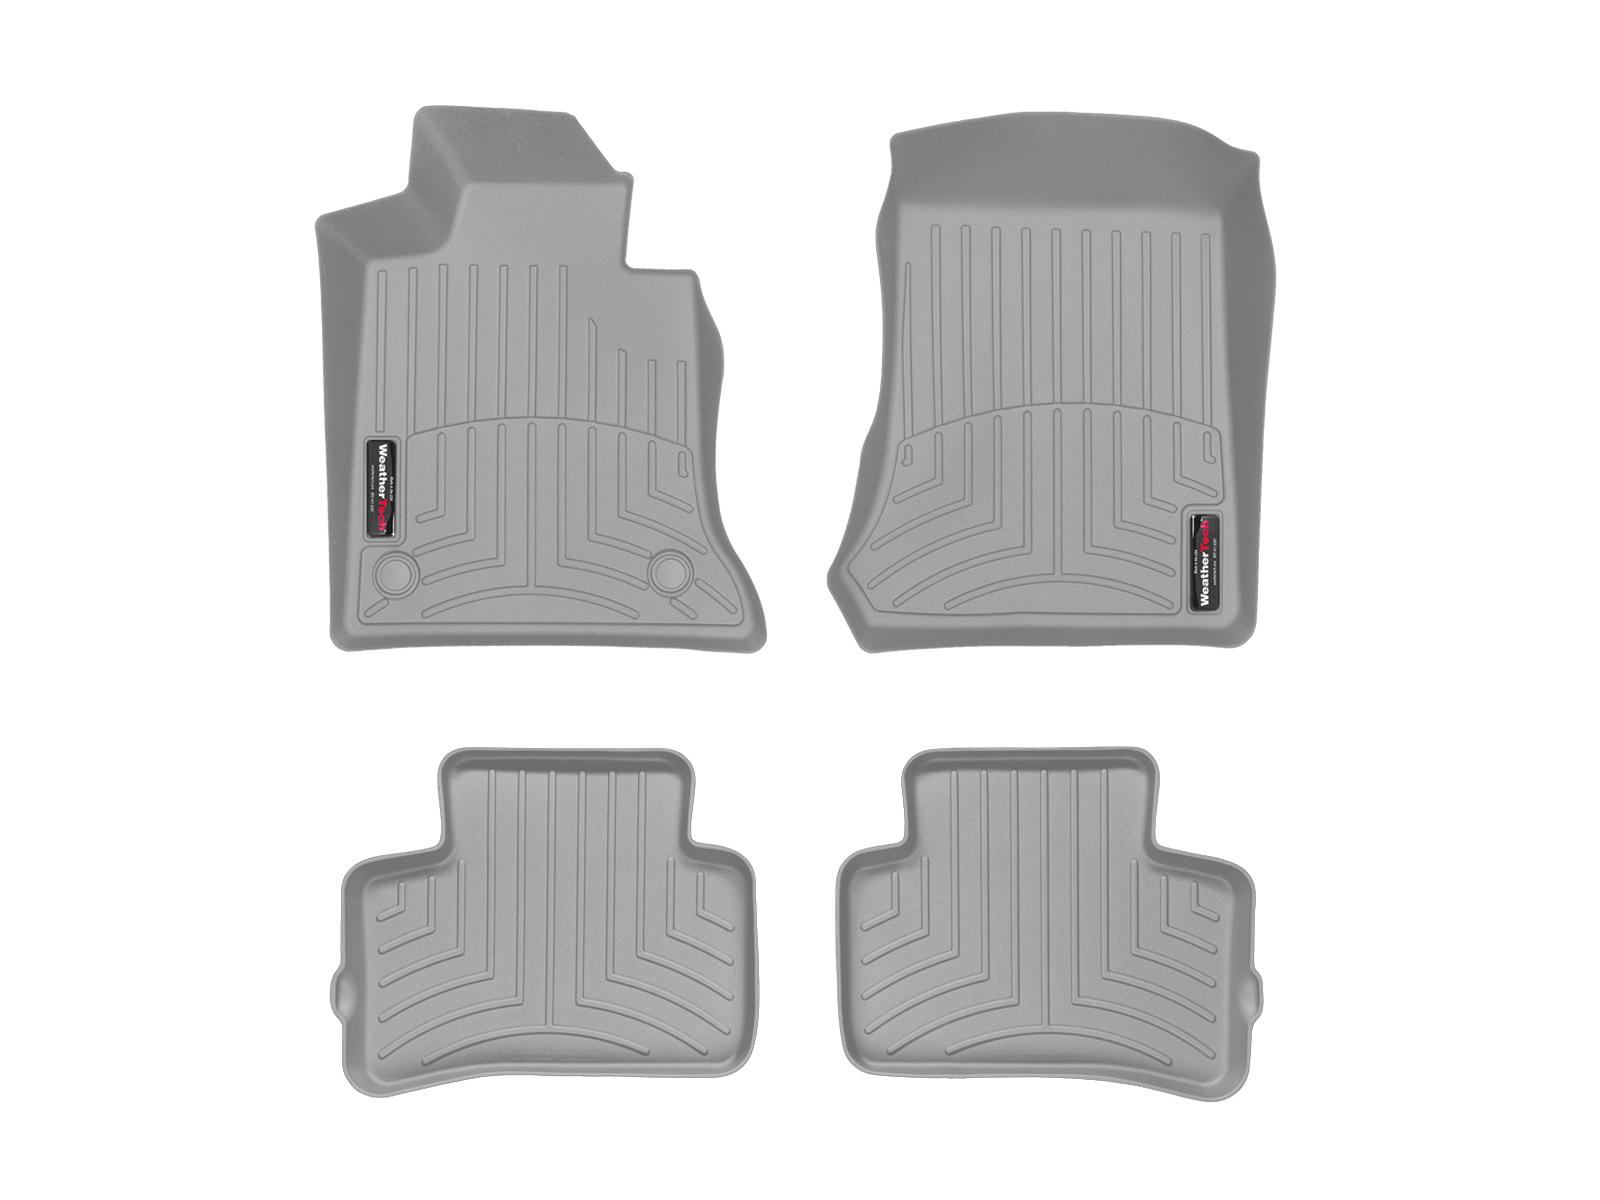 Tappeti gomma su misura bordo alto Mercedes GLK-Class 12>12 Grigio A2497